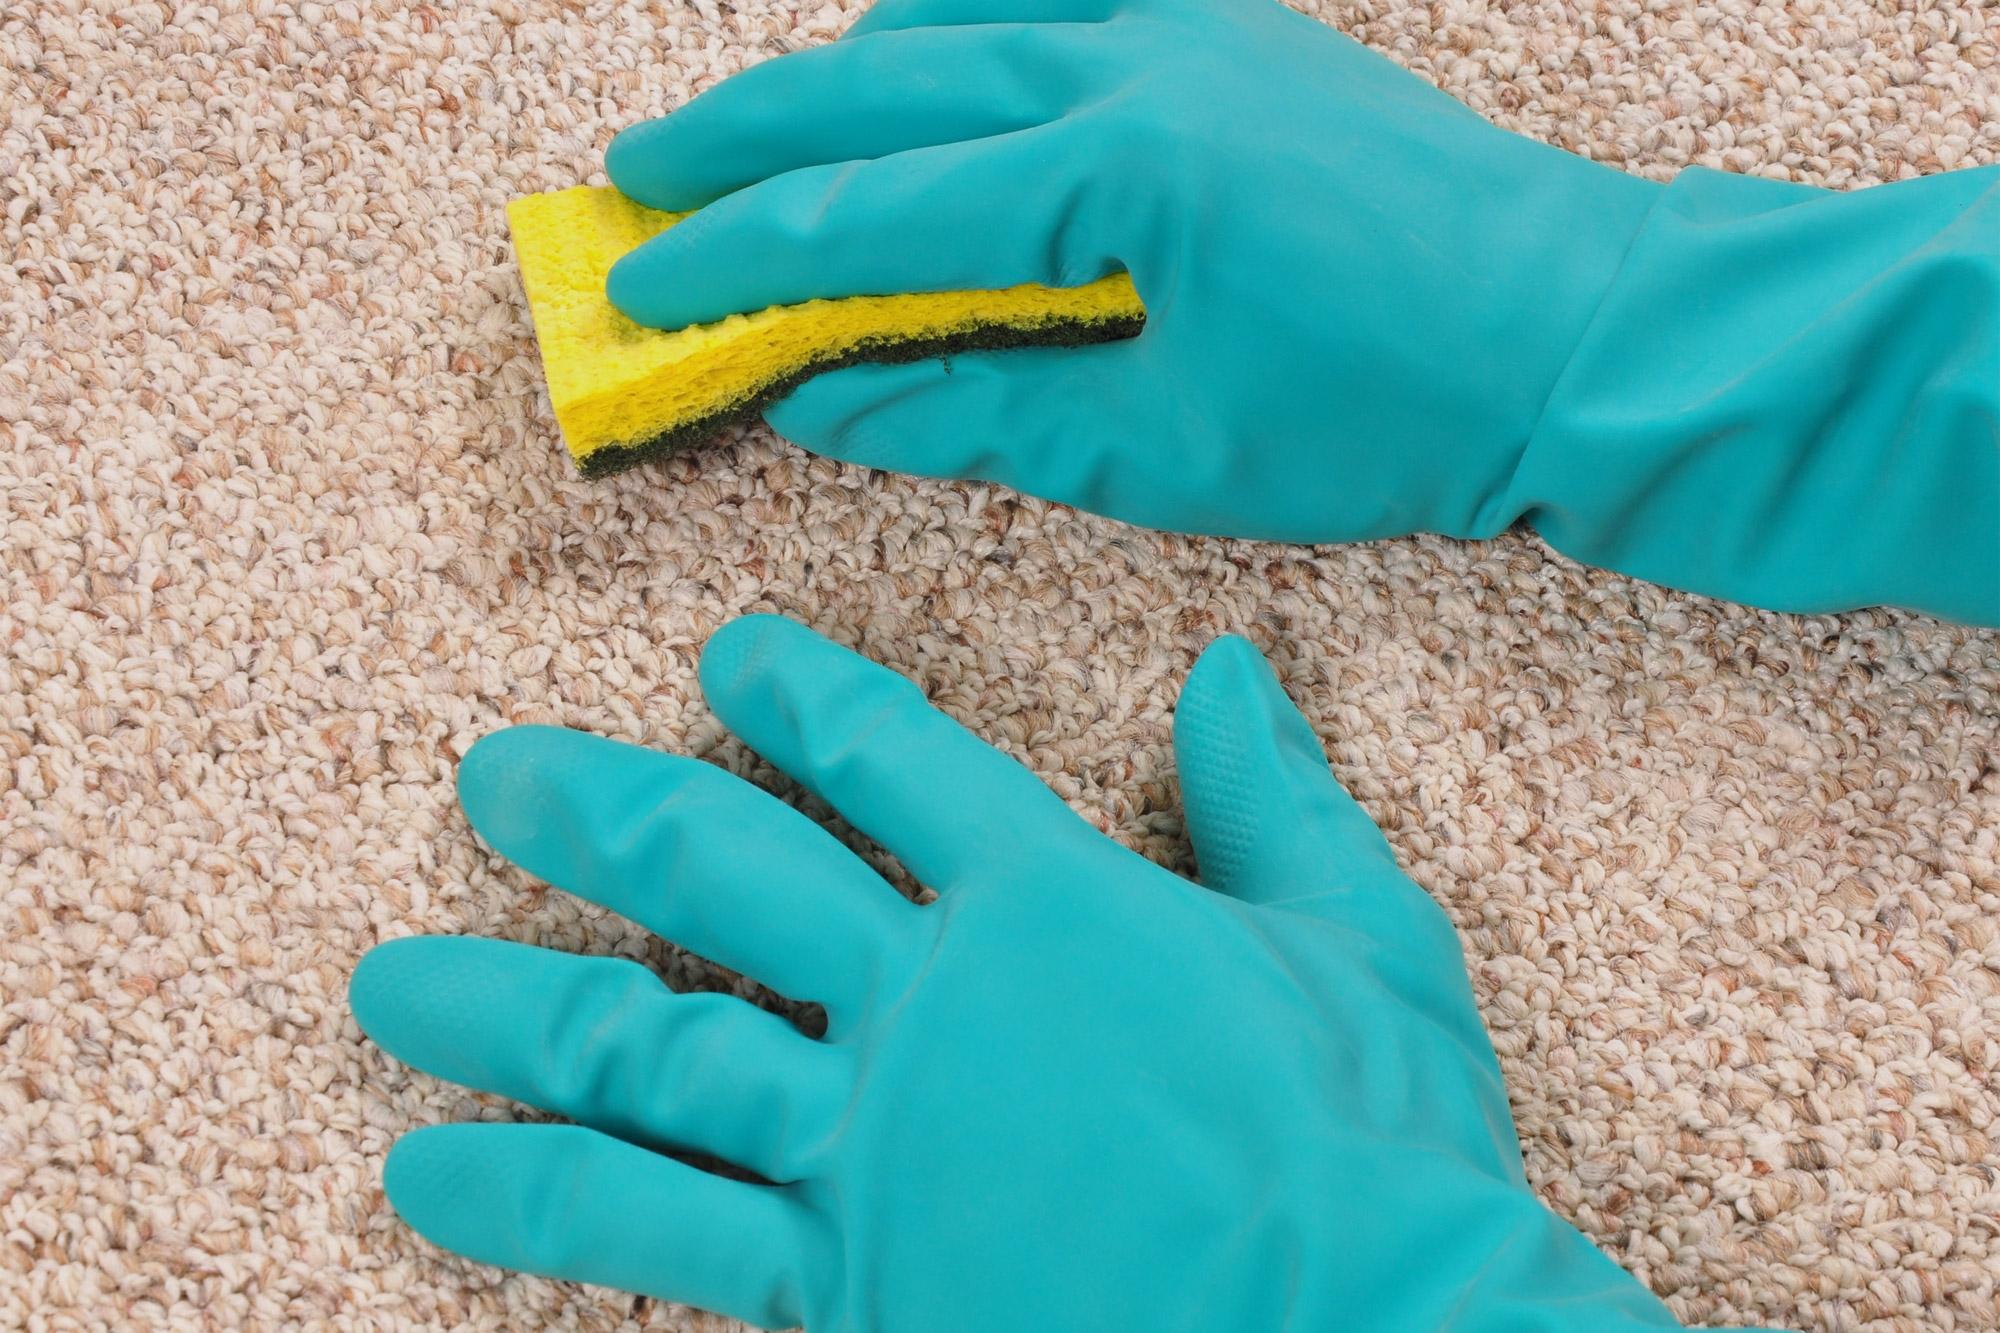 Процесс чистки ковра губкой и Ванишем